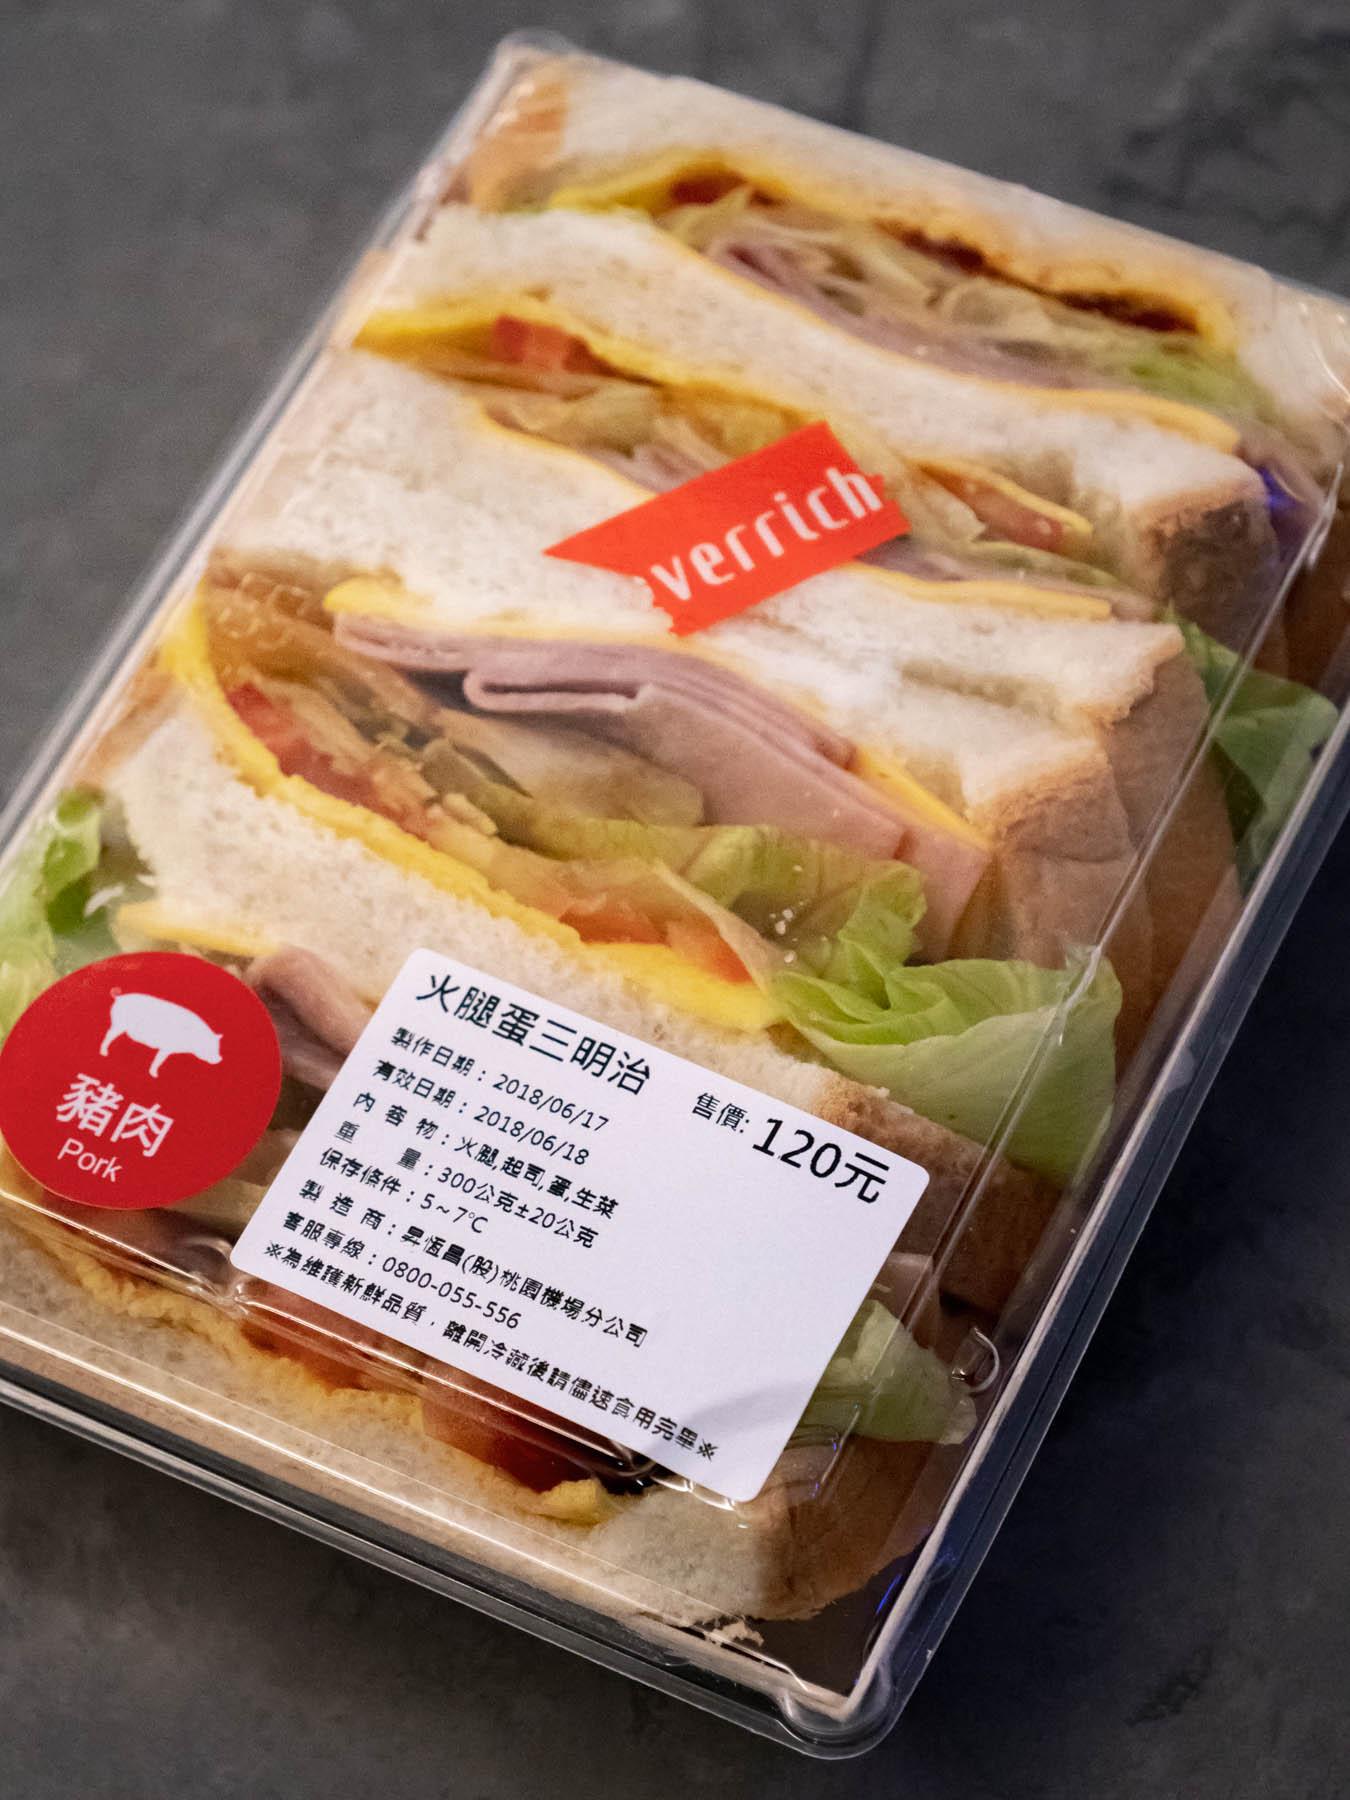 パッケージに入った状態の火腿蛋三明治(ハムと玉子のサンドイッチ)120元